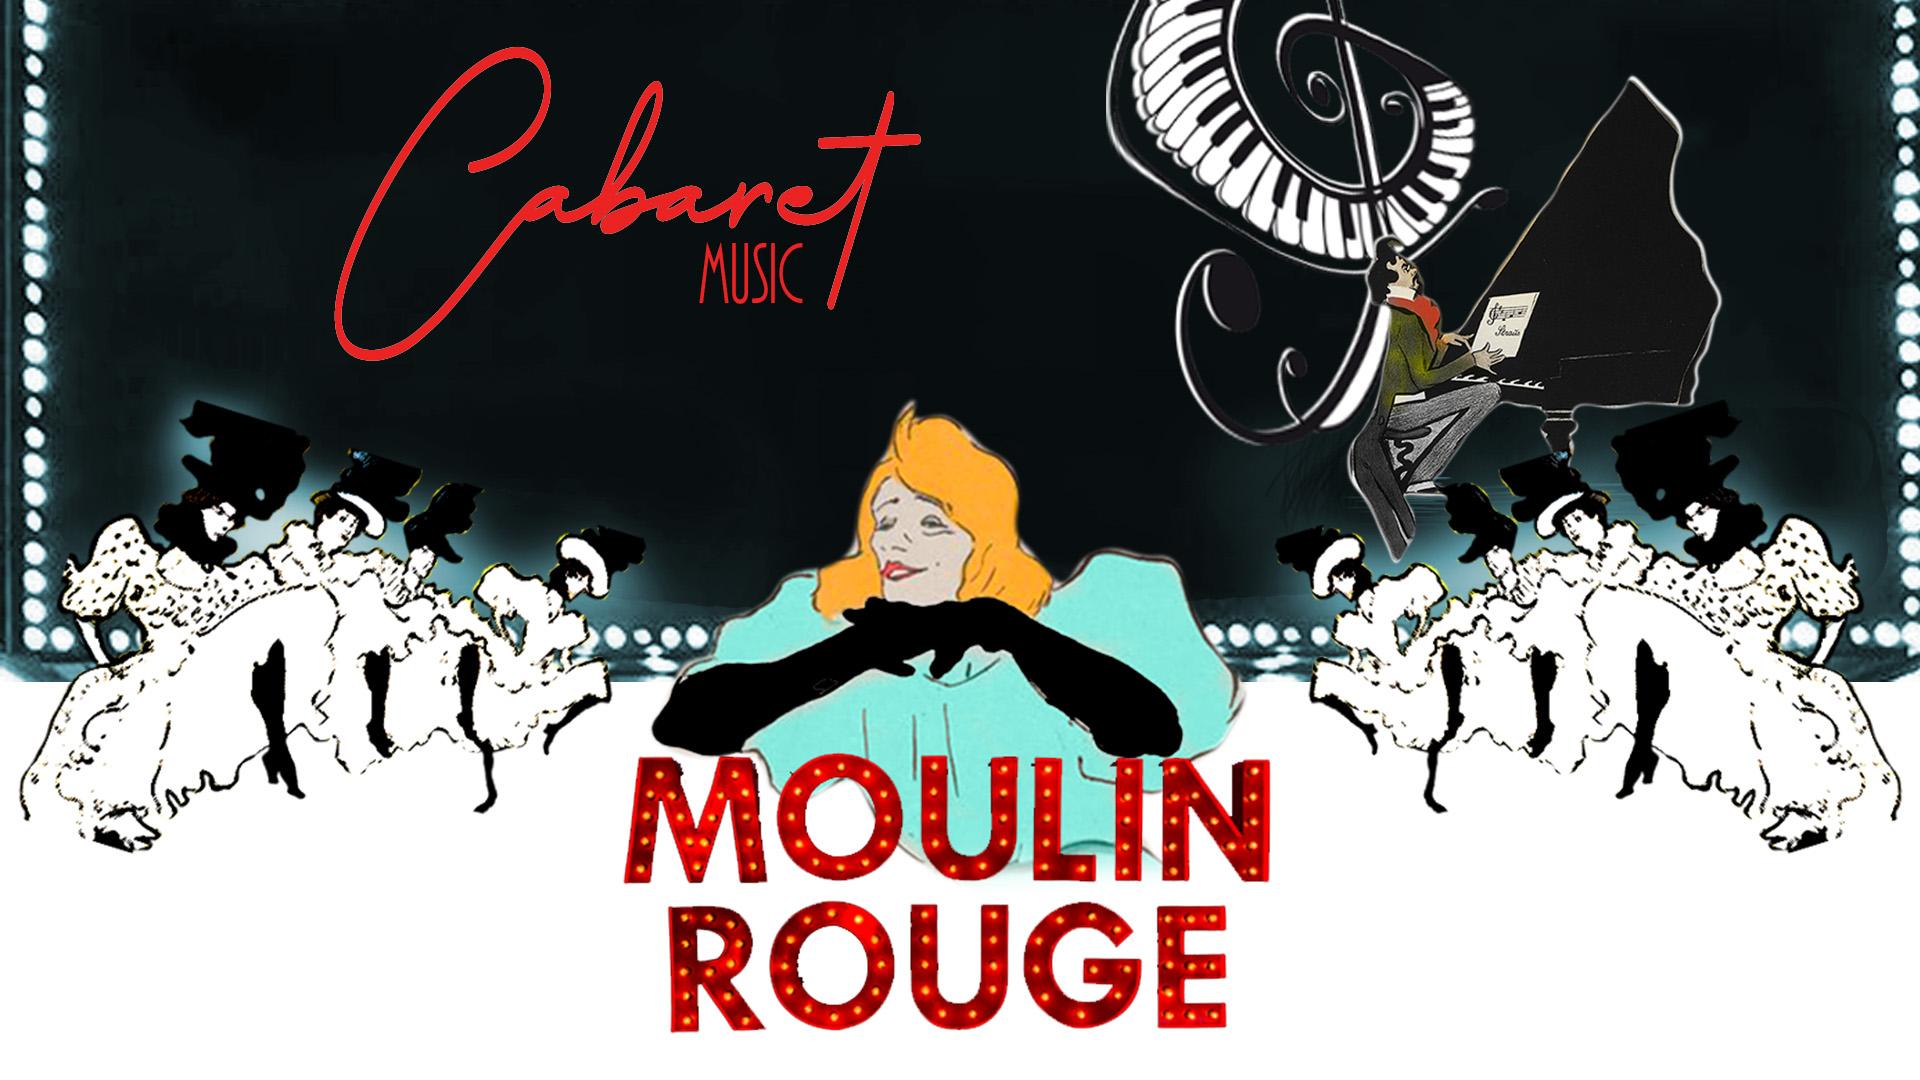 Collage Cabaret y mujeres bailando el cancan, con Yvette Guilbert y una figura tocando el piano. Anuncio del Cabaret Music. Loco Mundo Arte y Bohemia